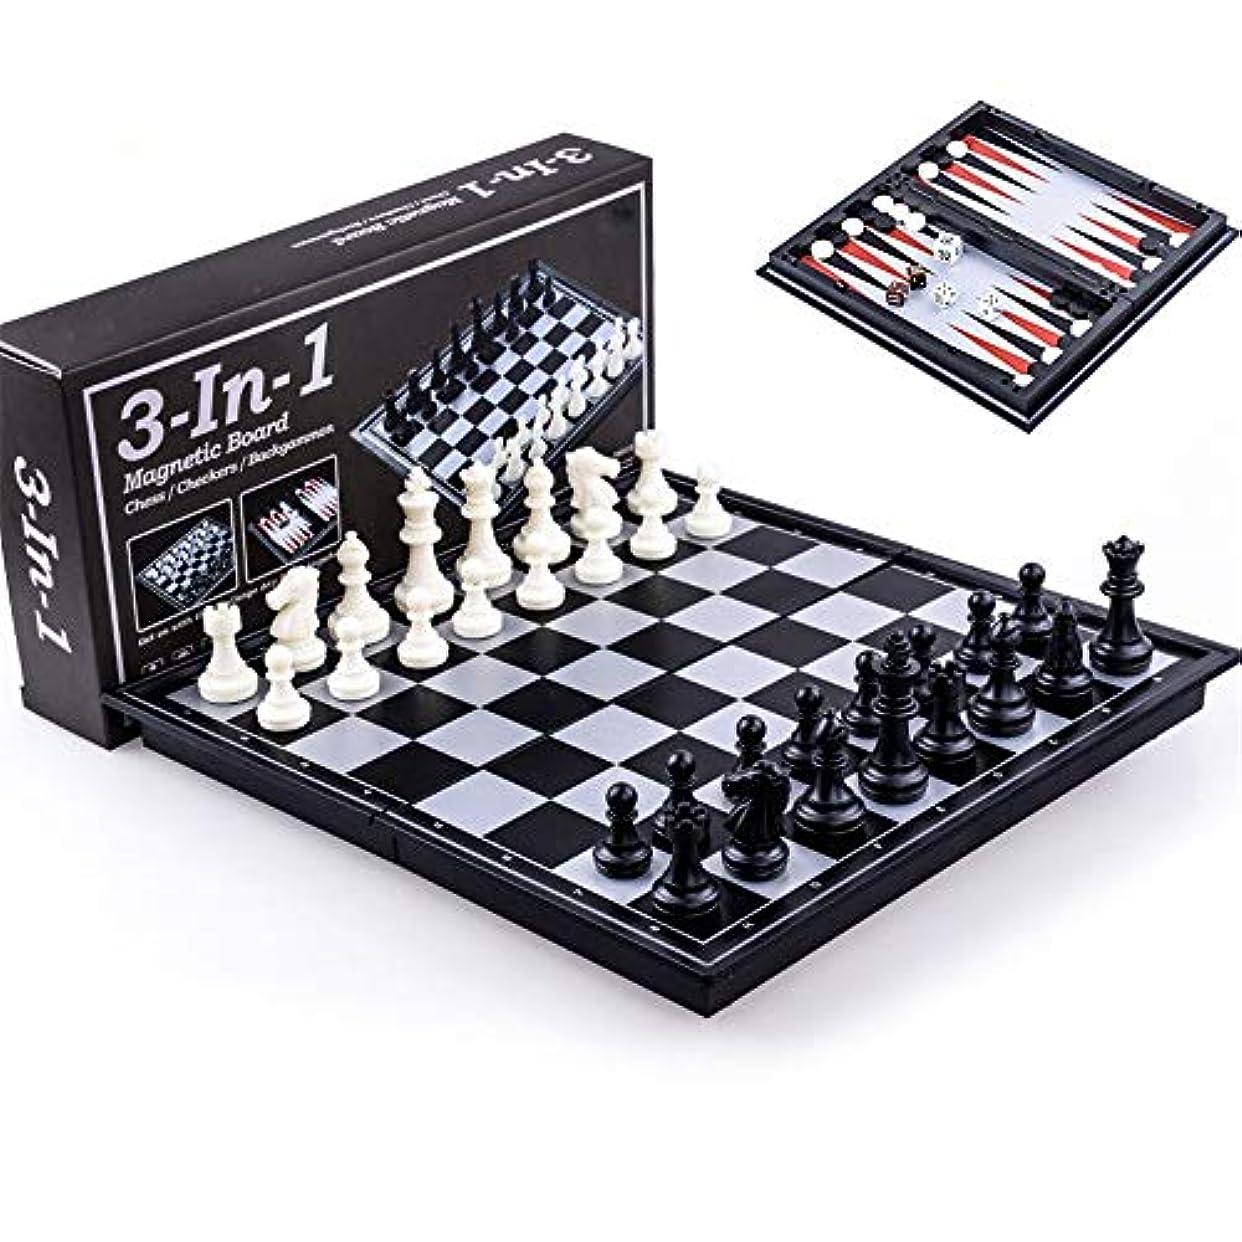 事実上ユーモア繰り返したチェスセット チェス盤の教育ゲームを折る大人そして子供のために置かれる磁気旅行チェス 子供と大人のための (色 : As picture, サイズ : 36x37x2.5cm)